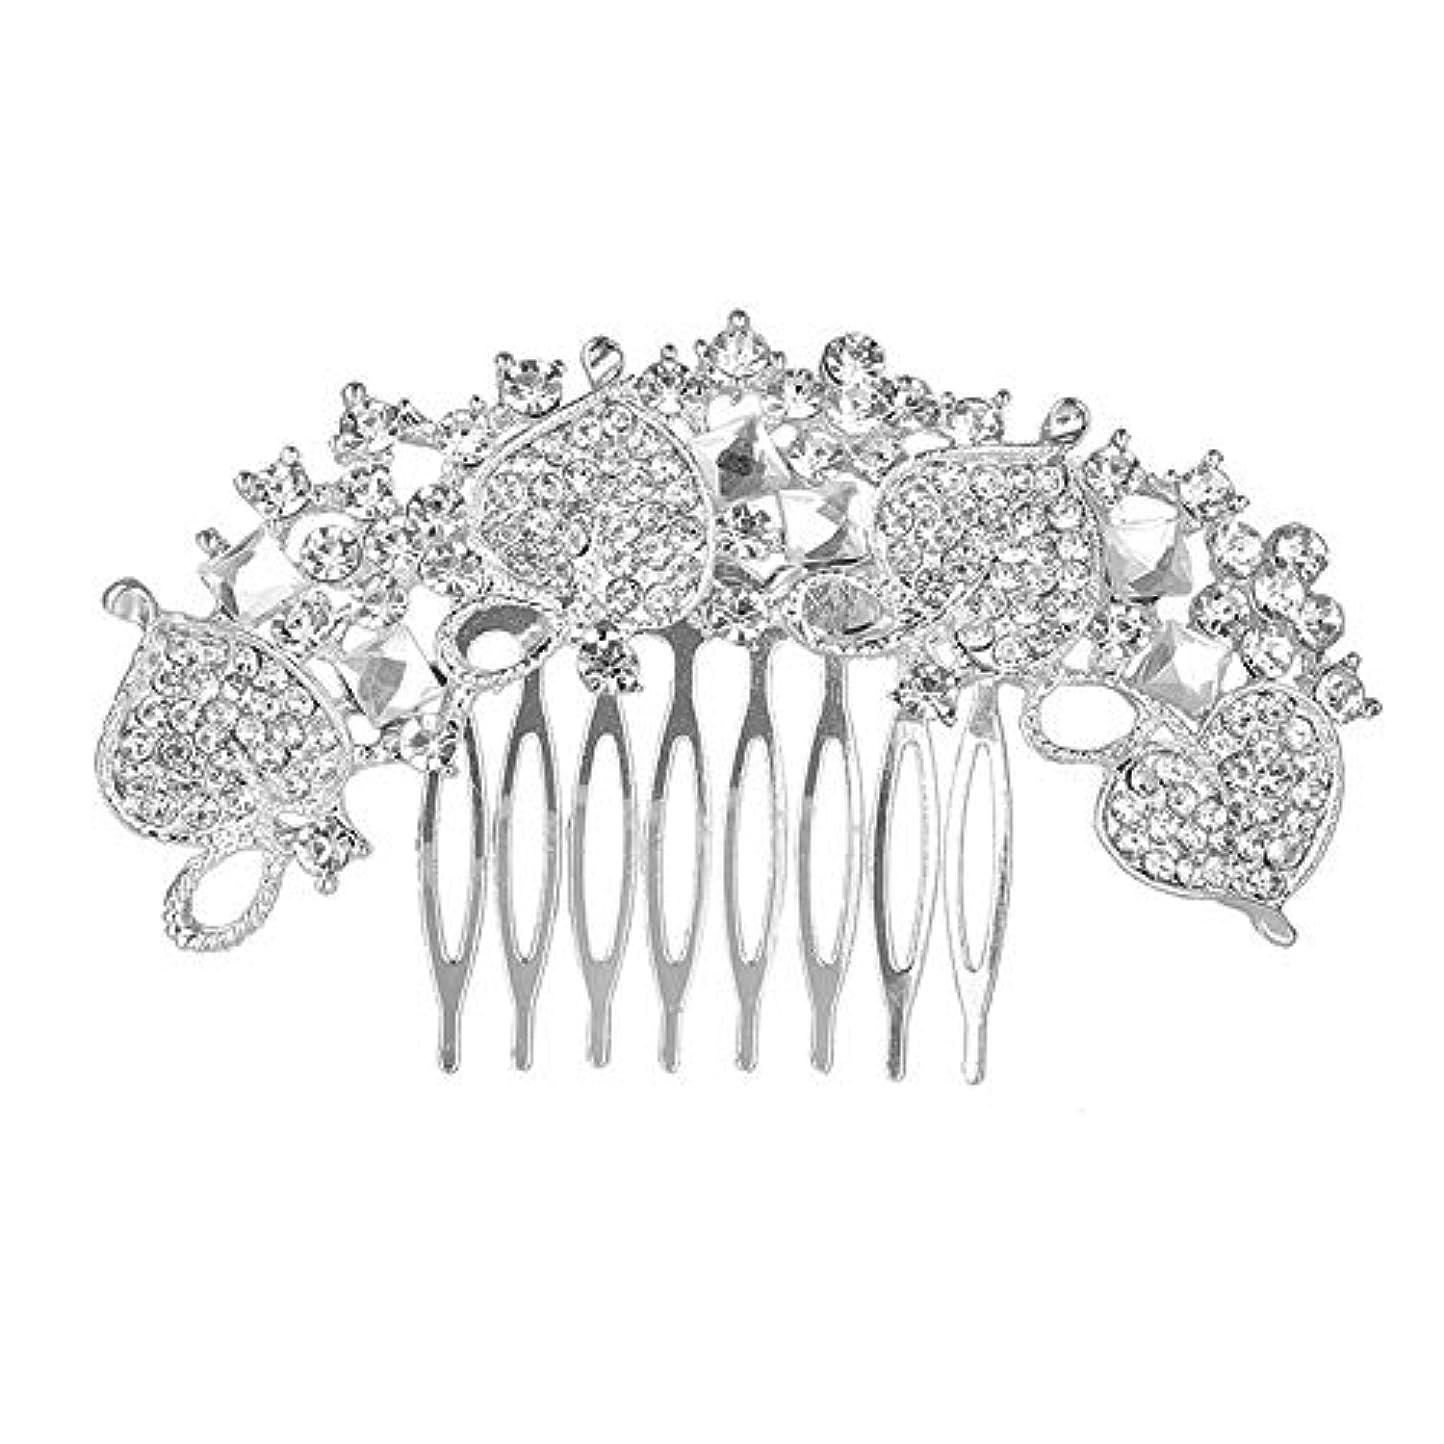 参照するミリメートル調整する髪の櫛、櫛、花嫁の髪の櫛、クラウン髪の櫛、結婚式のアクセサリー、ラインストーンの髪の櫛、ブライダルヘアアクセサリー